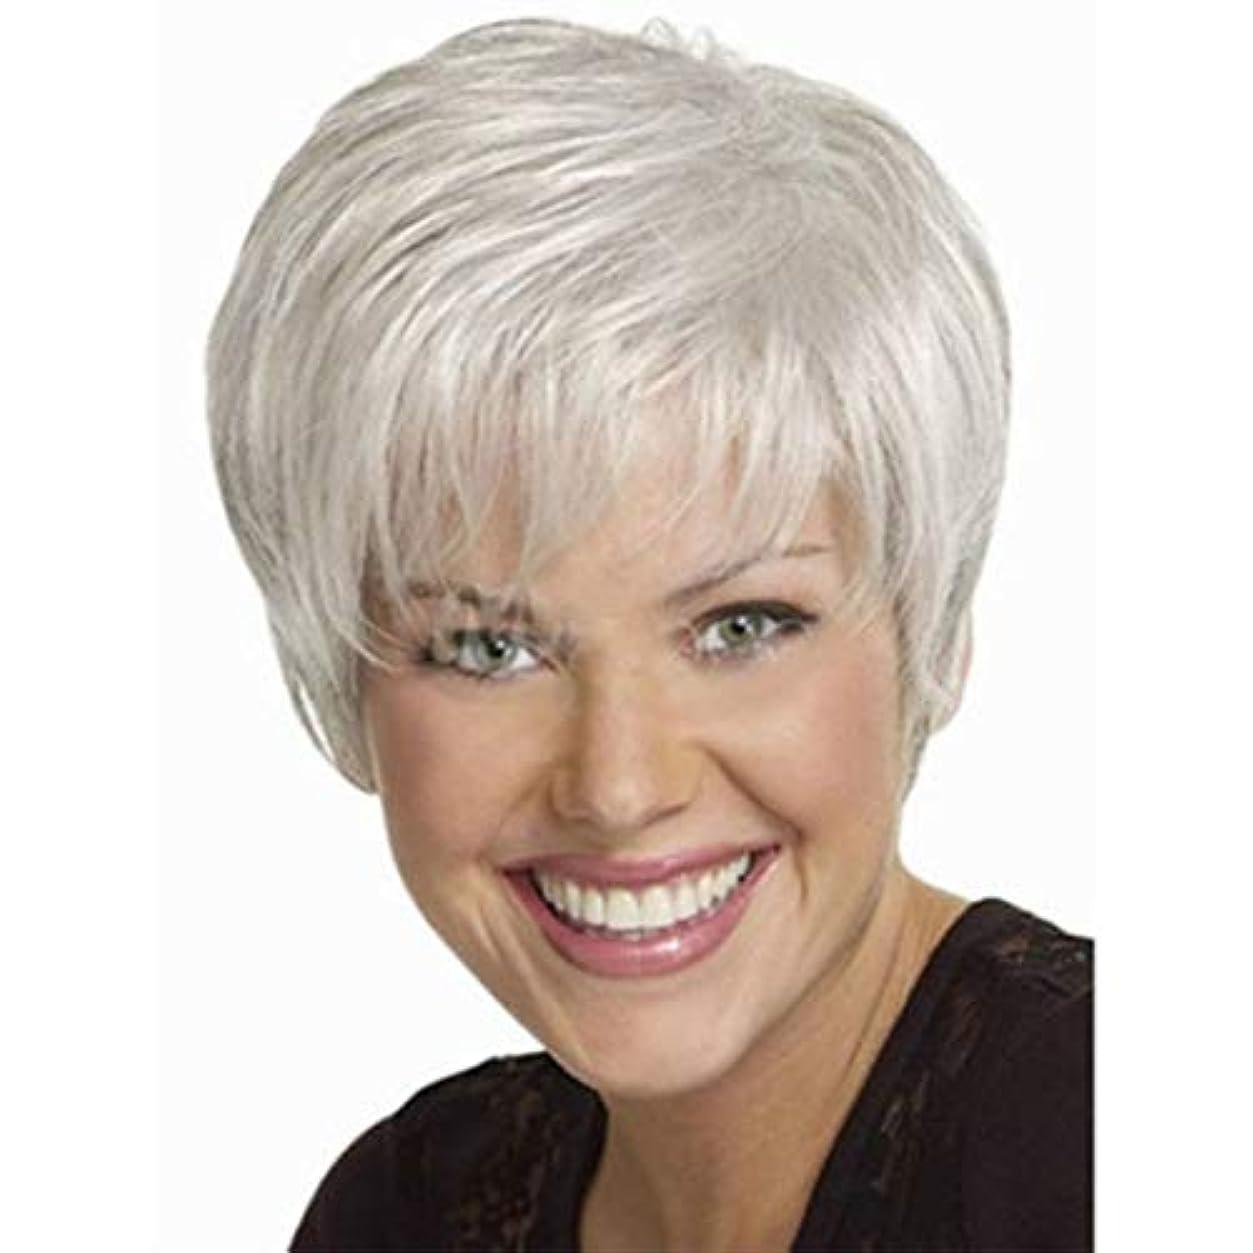 好色なカートリッジエンコミウムKerwinner ショートヘアウィッグショートストレート人工毛フルウィッグ自然に見える高温ワイヤーウィッグ女性用